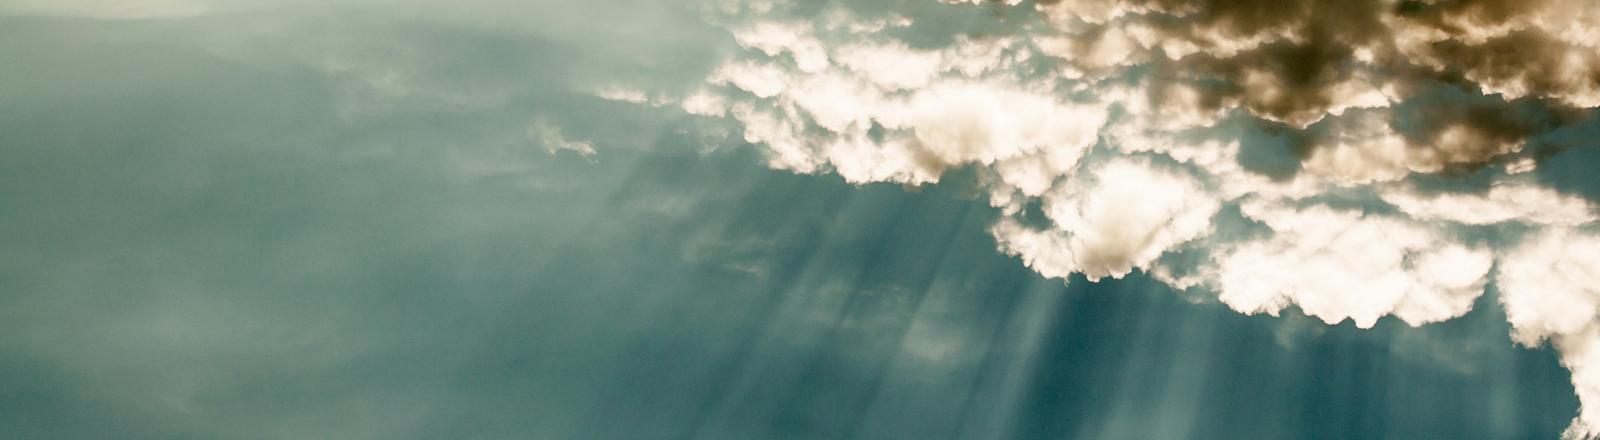 Wolken vor blauem Himmel mit spektakulärem Licht der Sonnenstrahlen.